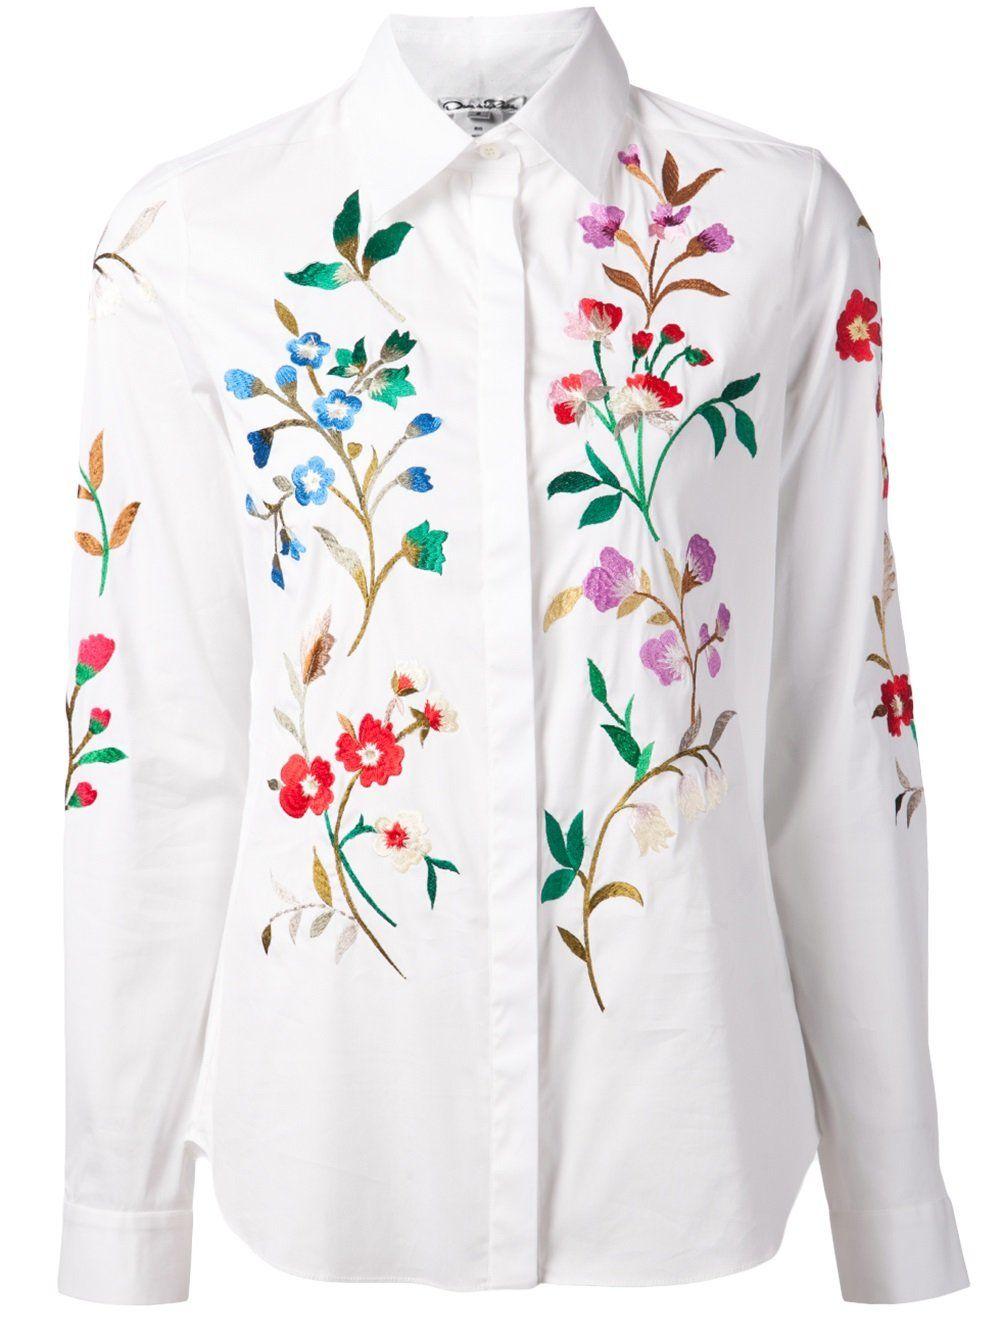 Oscar de la Renta Camisa bordada floral  5eb7ca2aba284